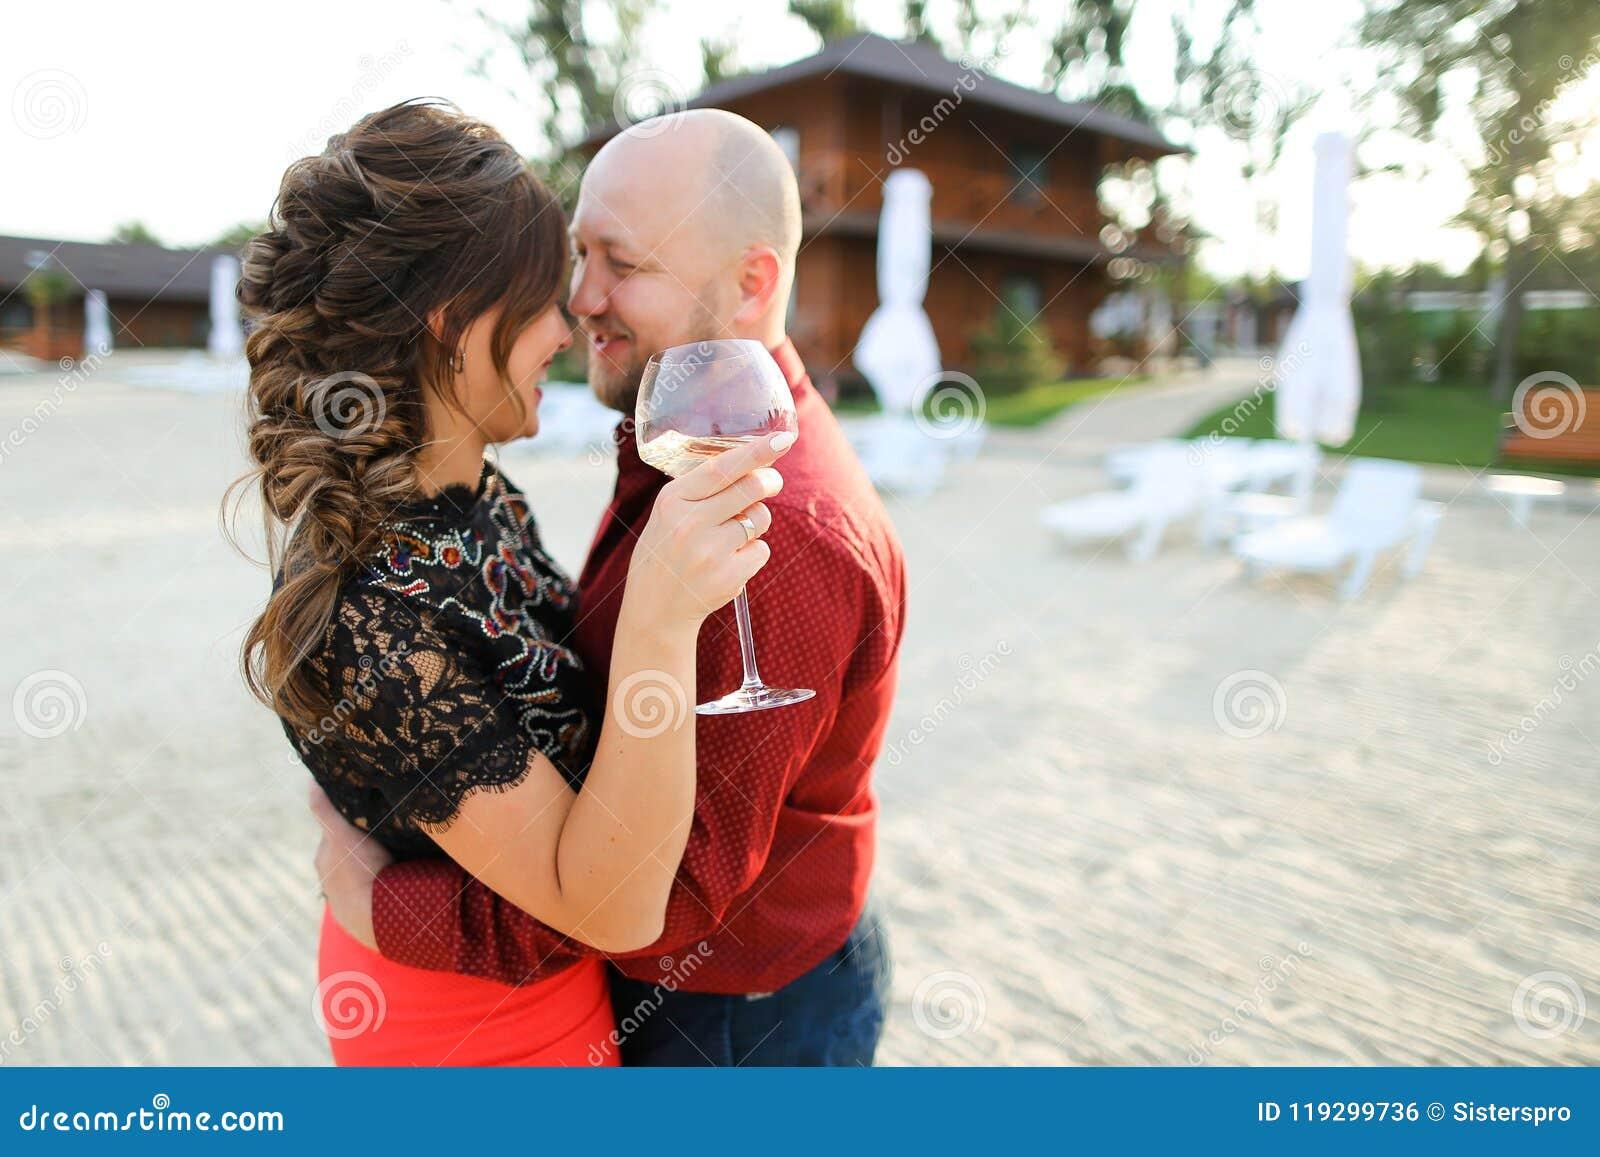 Σύζυγος που χορεύει με τη σύζυγο που κρατά το ποτήρι του κρασιού στο κατώφλι